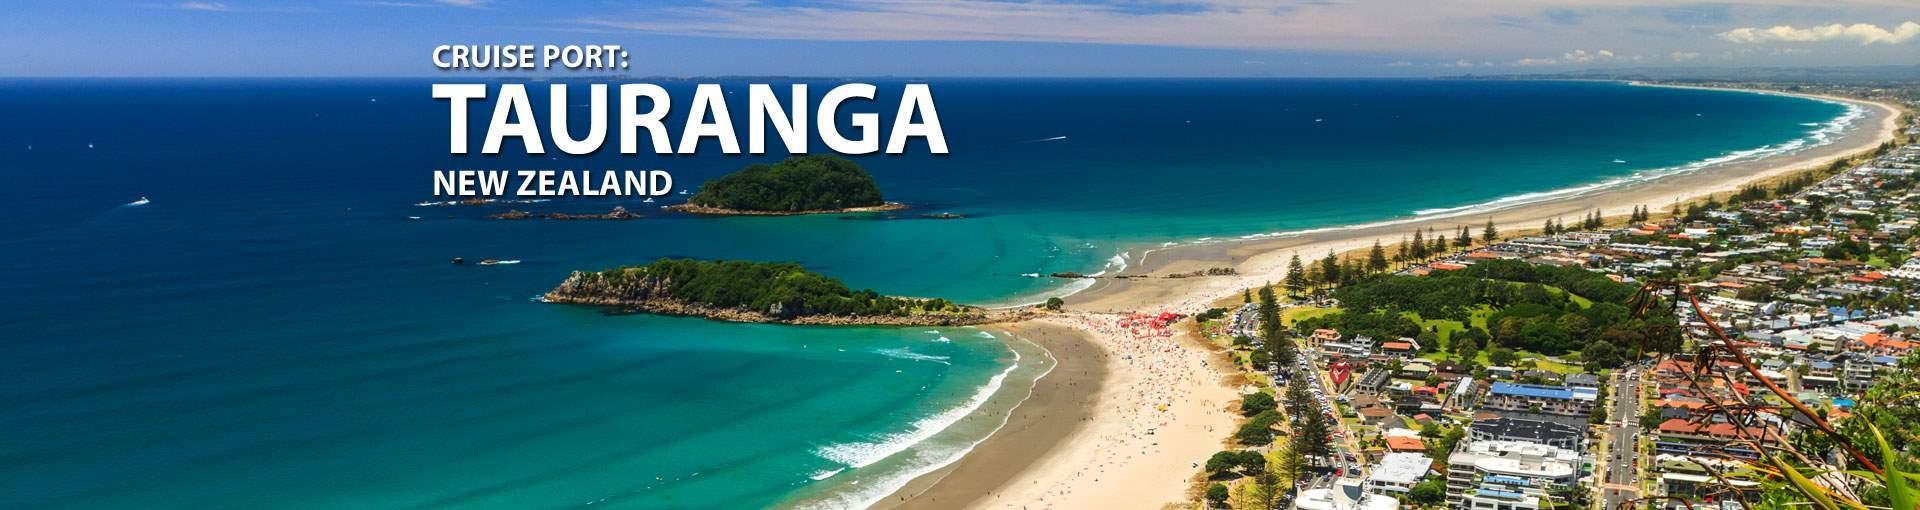 Cruises to Tauranga, New Zealand